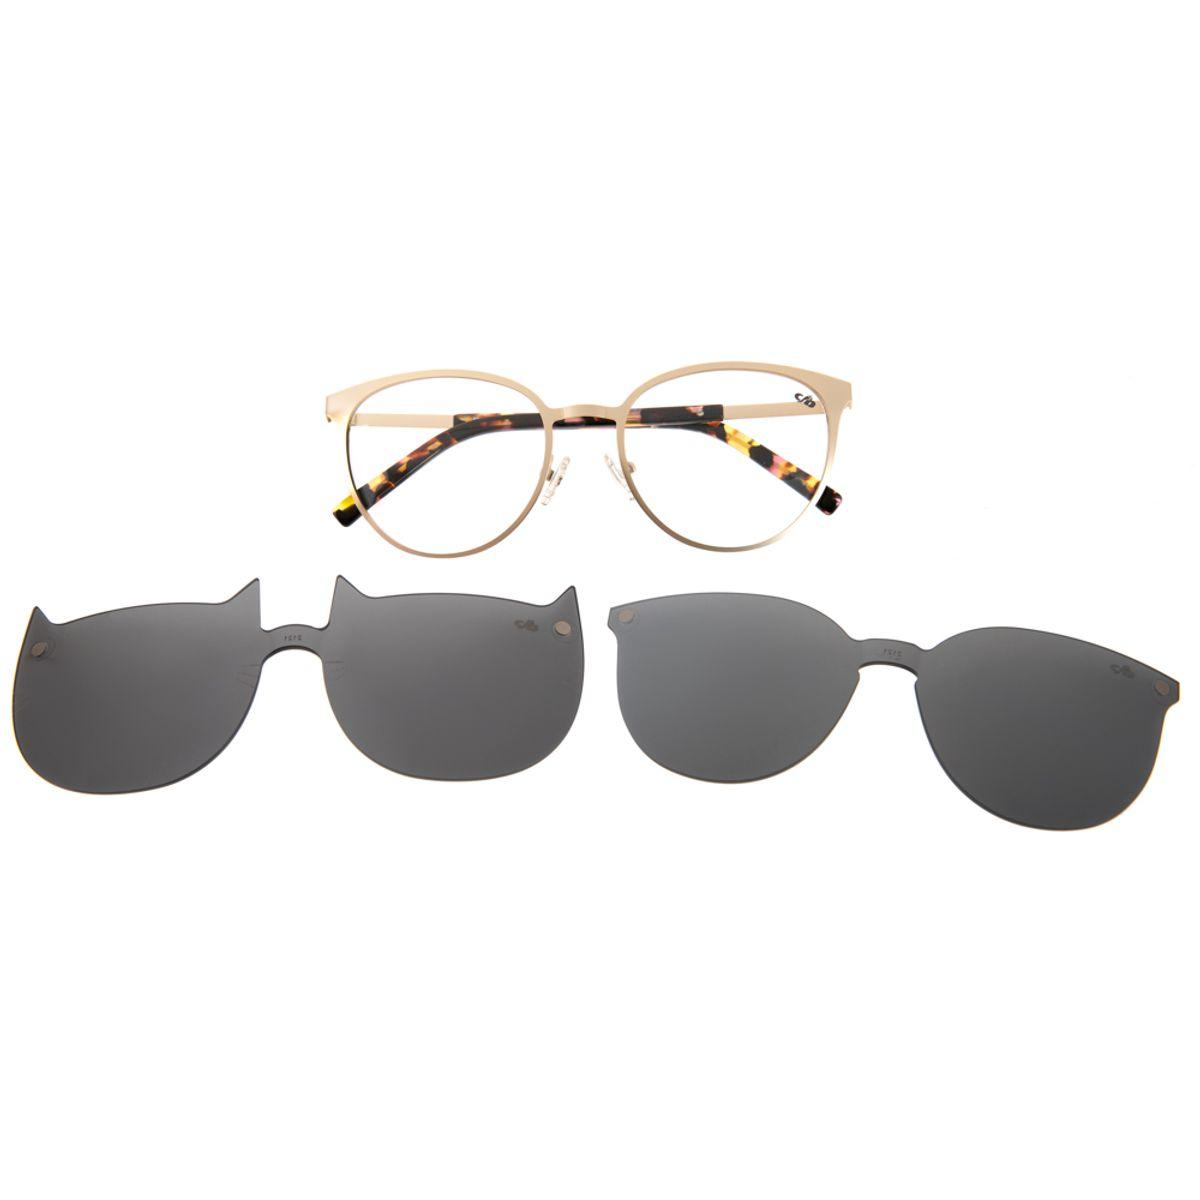 277619cd2a9c8 Armação para Óculos de Grau Chilli Beans Multi 2 em 1 Gatinho Marrom ...